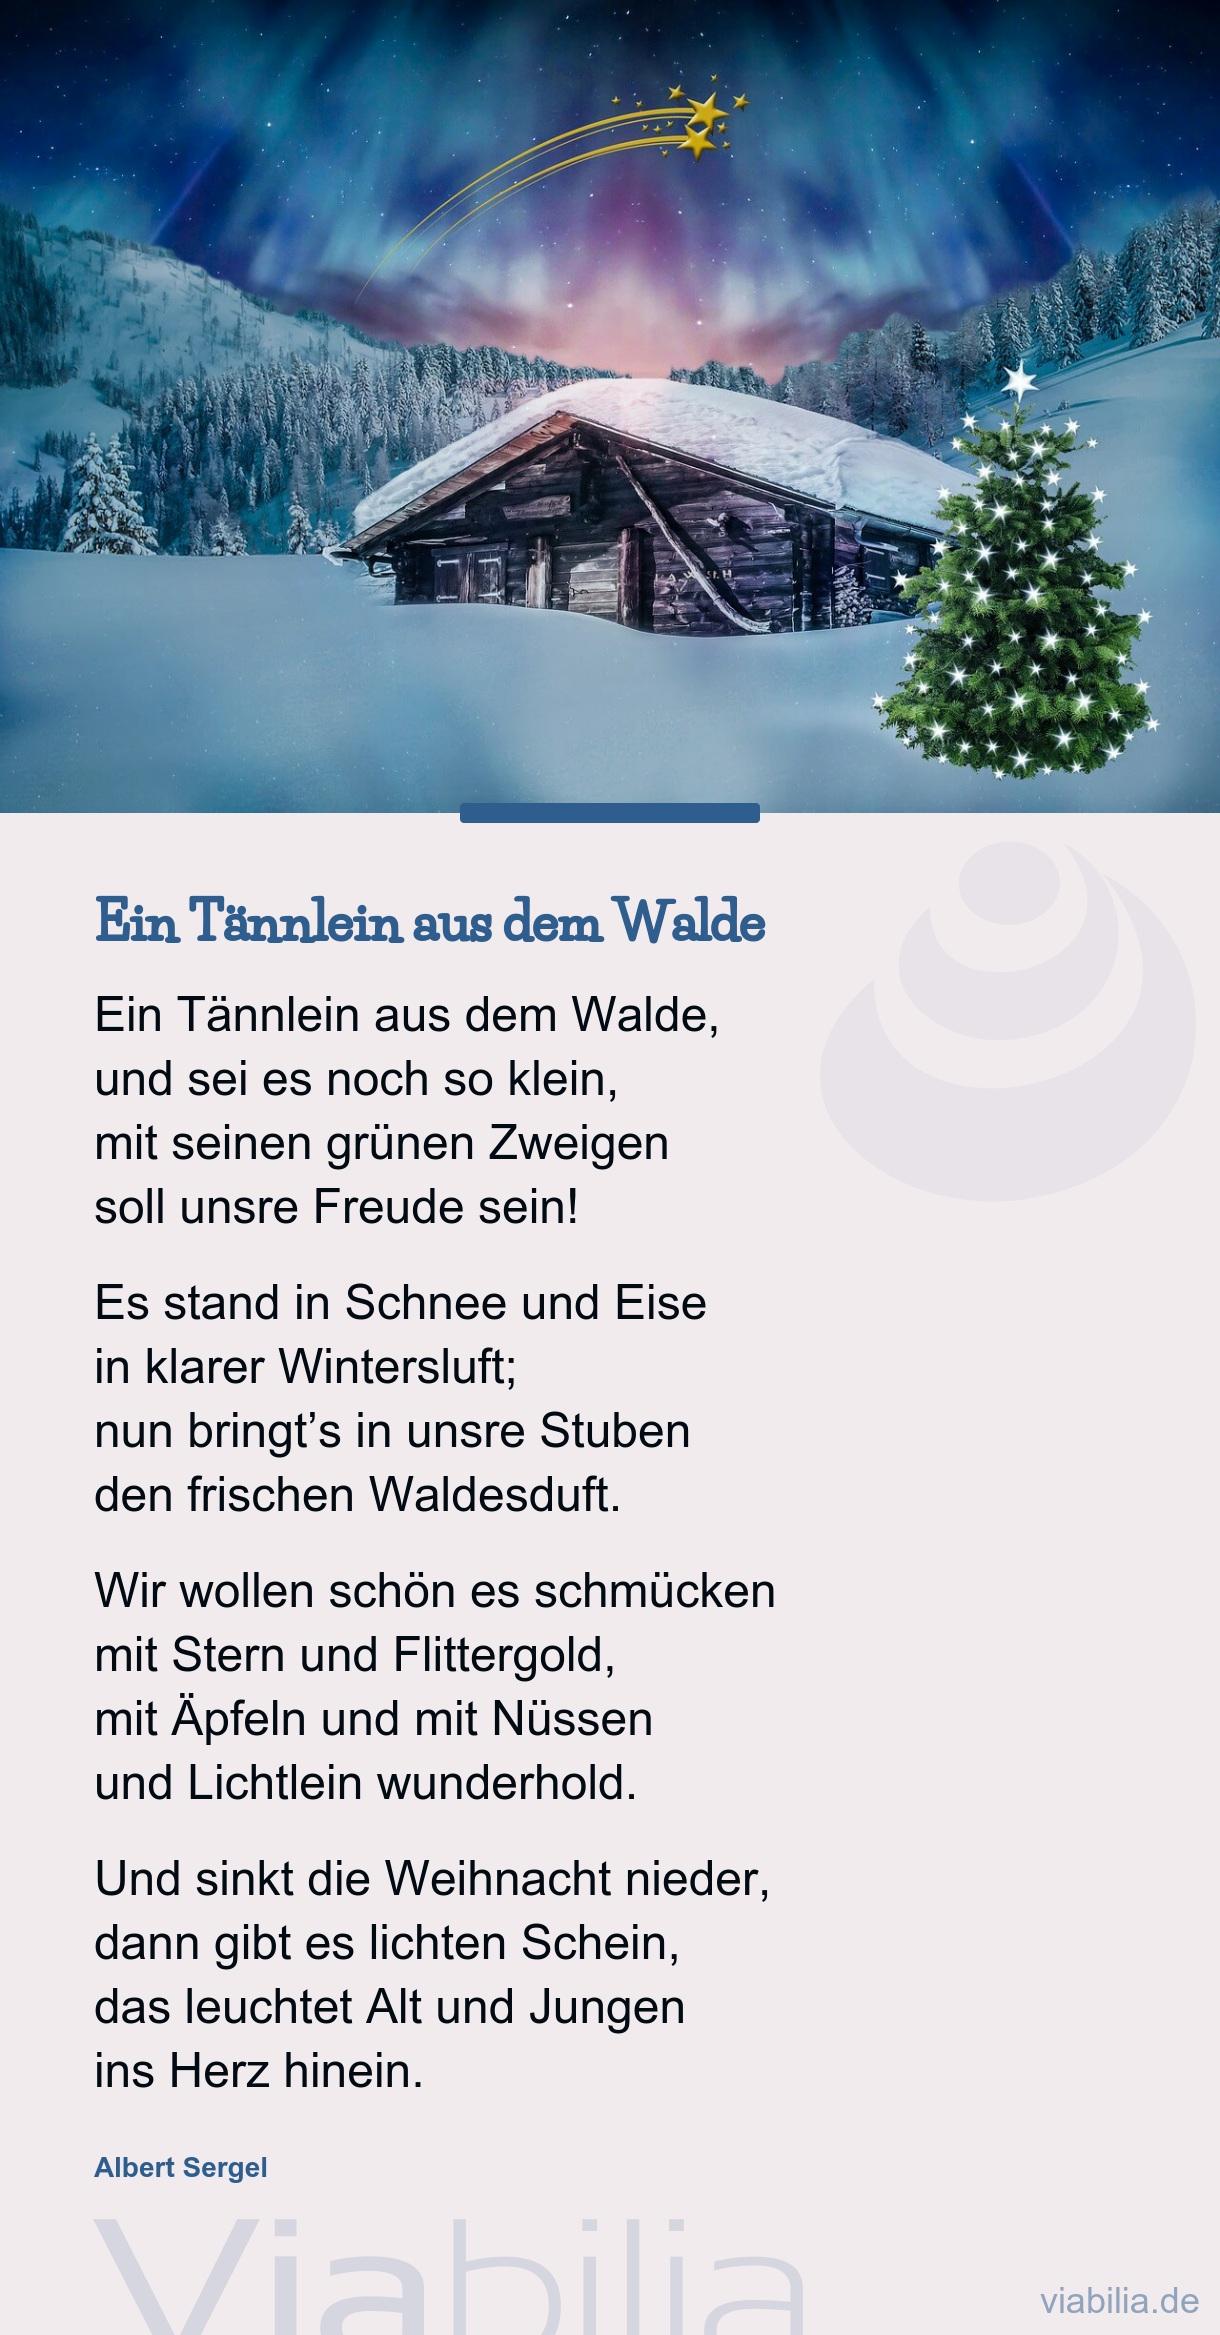 Weihnachtsgedicht: Ein Tännlein Aus Dem Walde - Weihnachtsgruß mit Schöne Und Kurze Weihnachtsgedichte